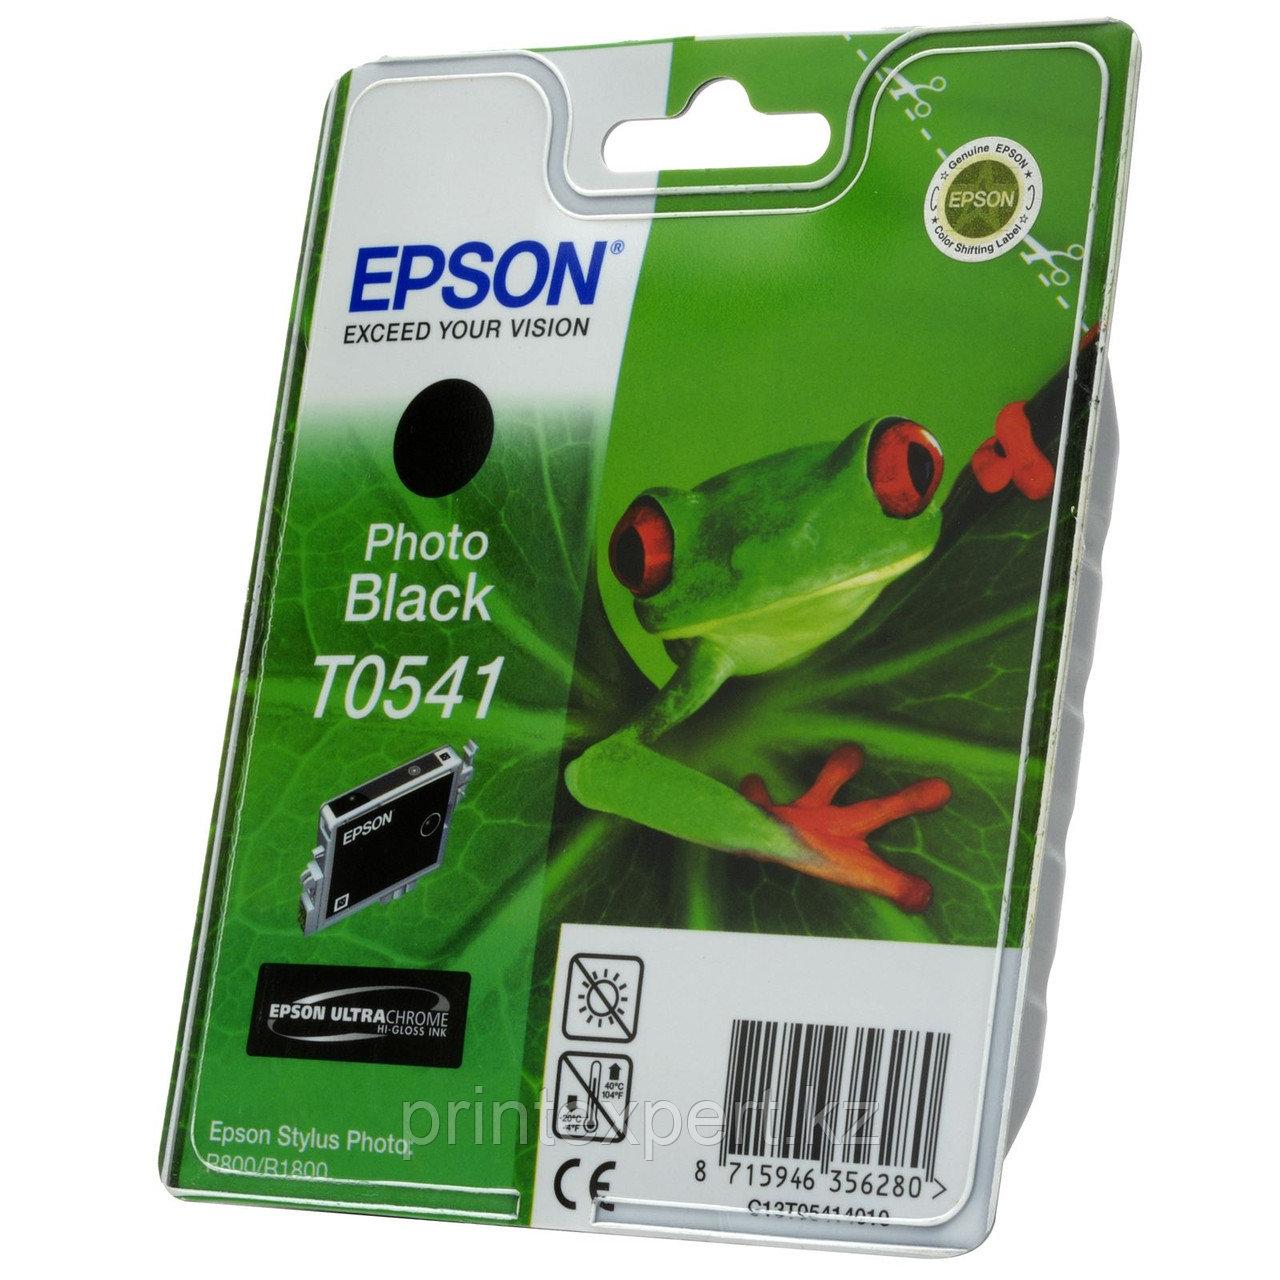 Картридж Epson C13T05414010 STYLUS PHOTO R800 фото-черный